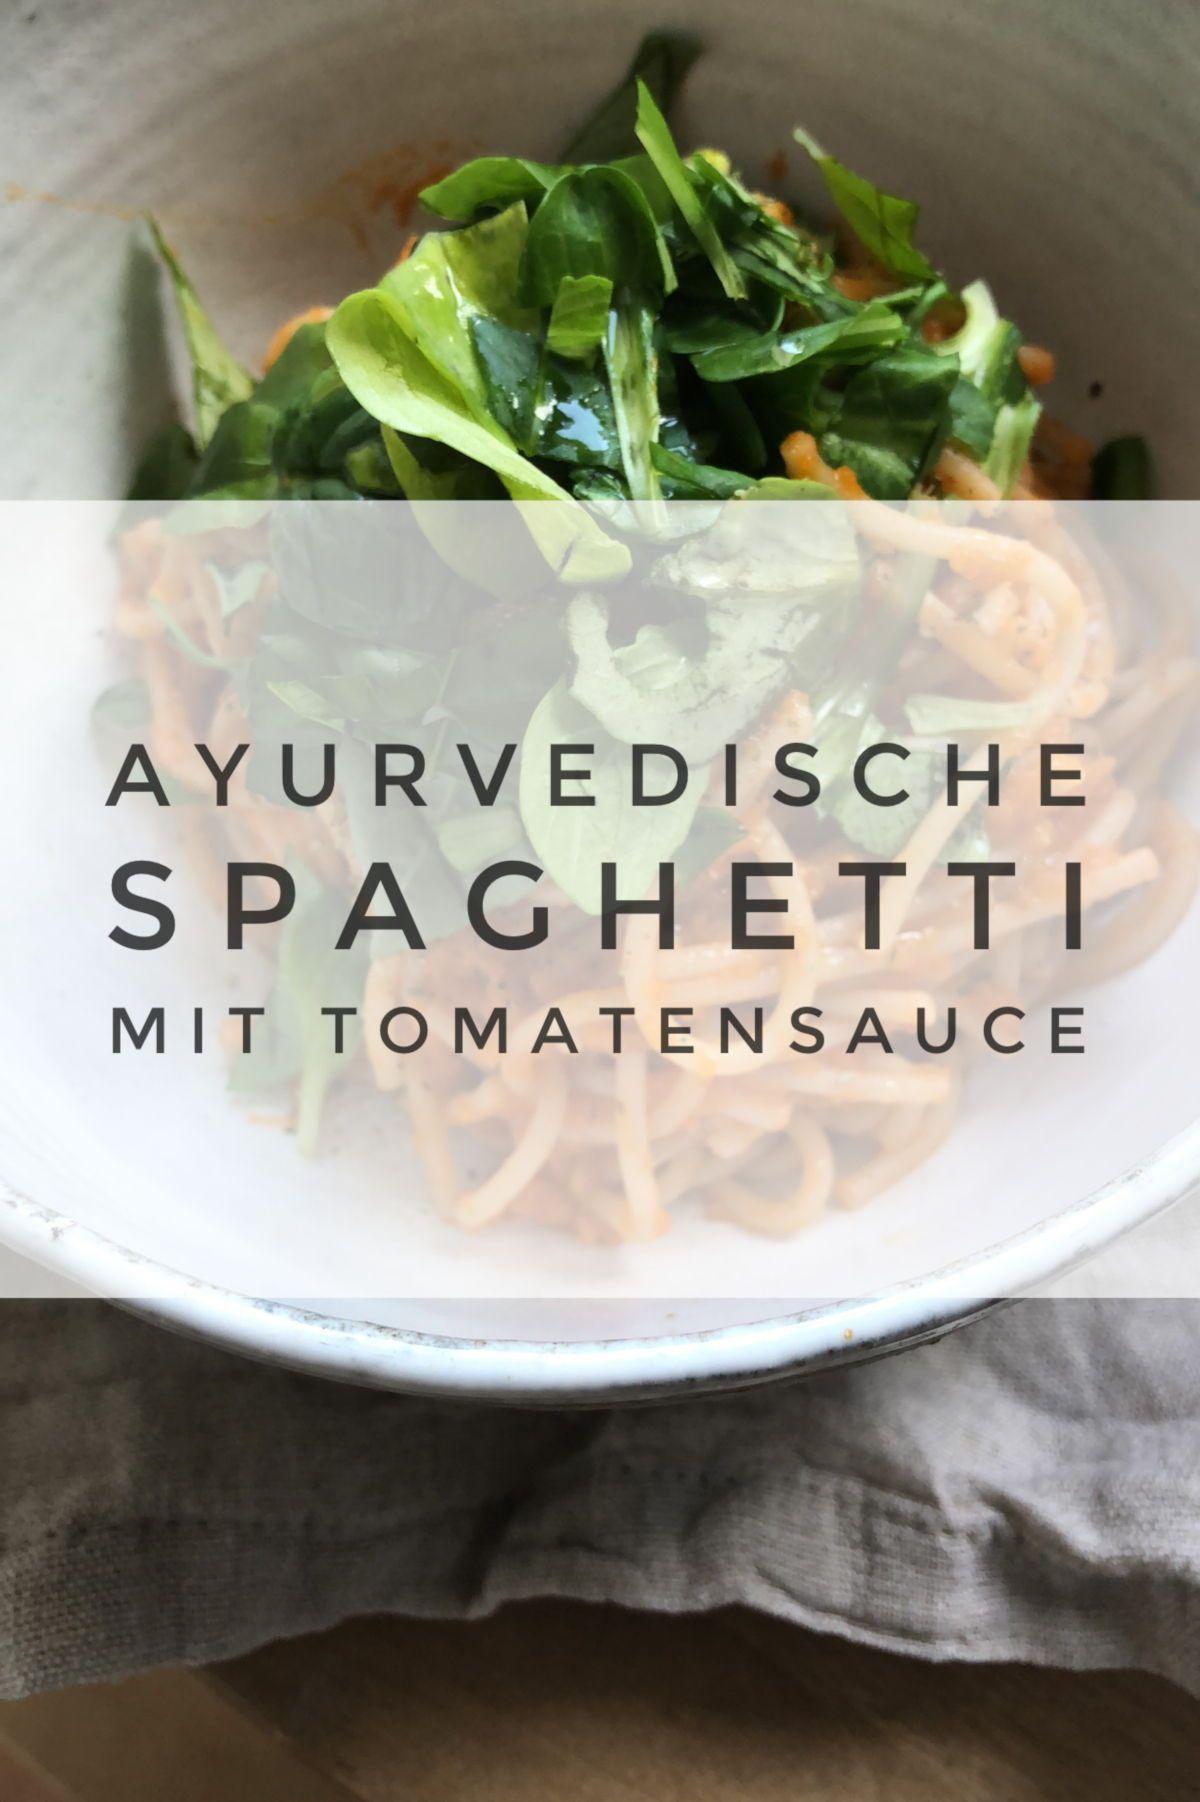 Ayurvedische Spaghetti Mit Tomatensauce Ayurveda Rezept Ayurveda Mit Kindern In 2020 Ayurvedische Kuche Ayurvedische Rezepte Ayurveda